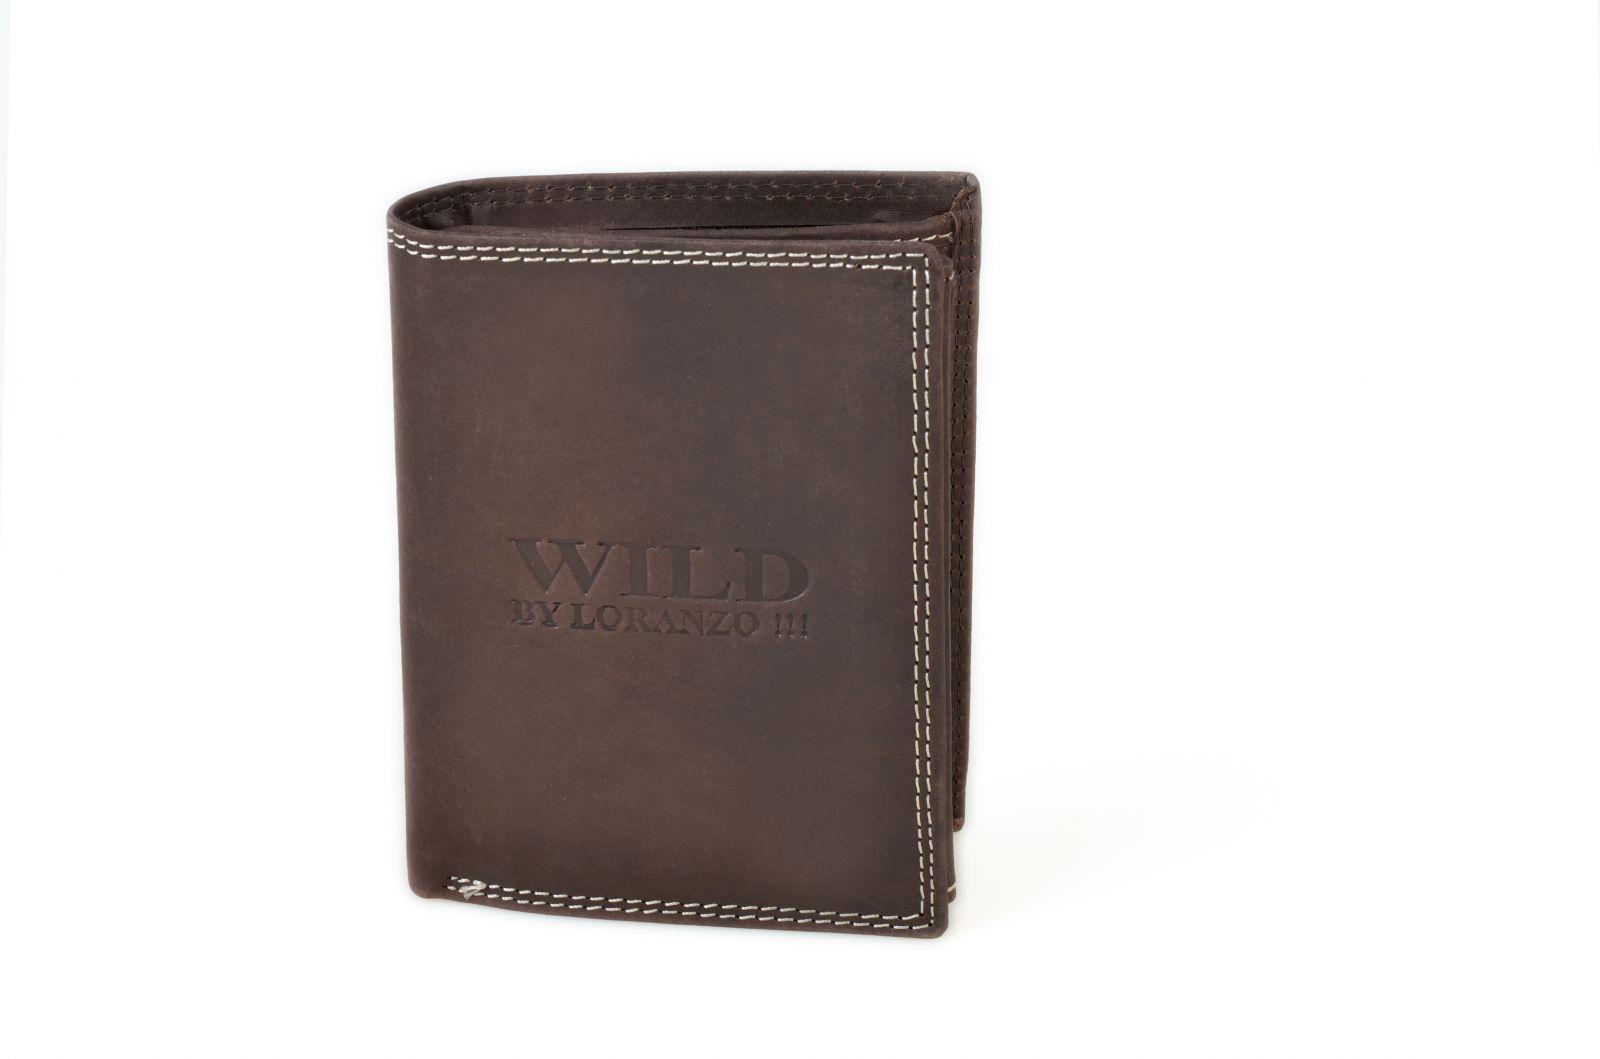 Pánská peněženka z broušené kůže WILD 982 hnědá